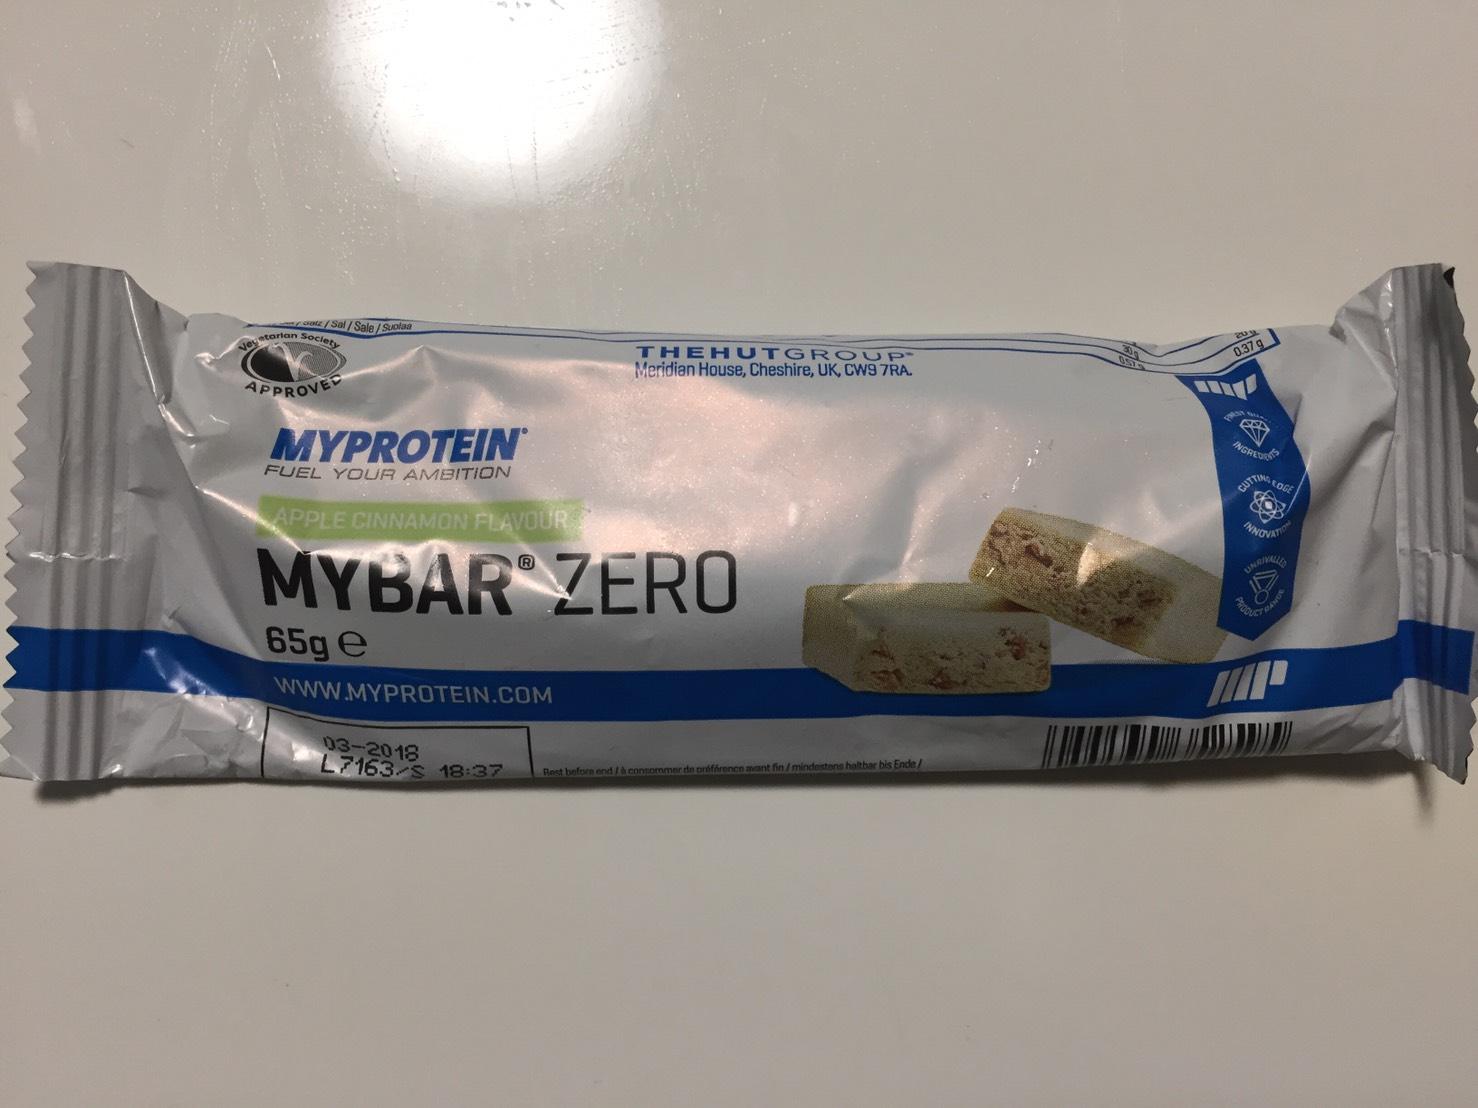 MY BAR ZERO(マイバー・ゼロ)「APPLE CINNAMON FLAVOUR(アップルシナモン味)」の成分表